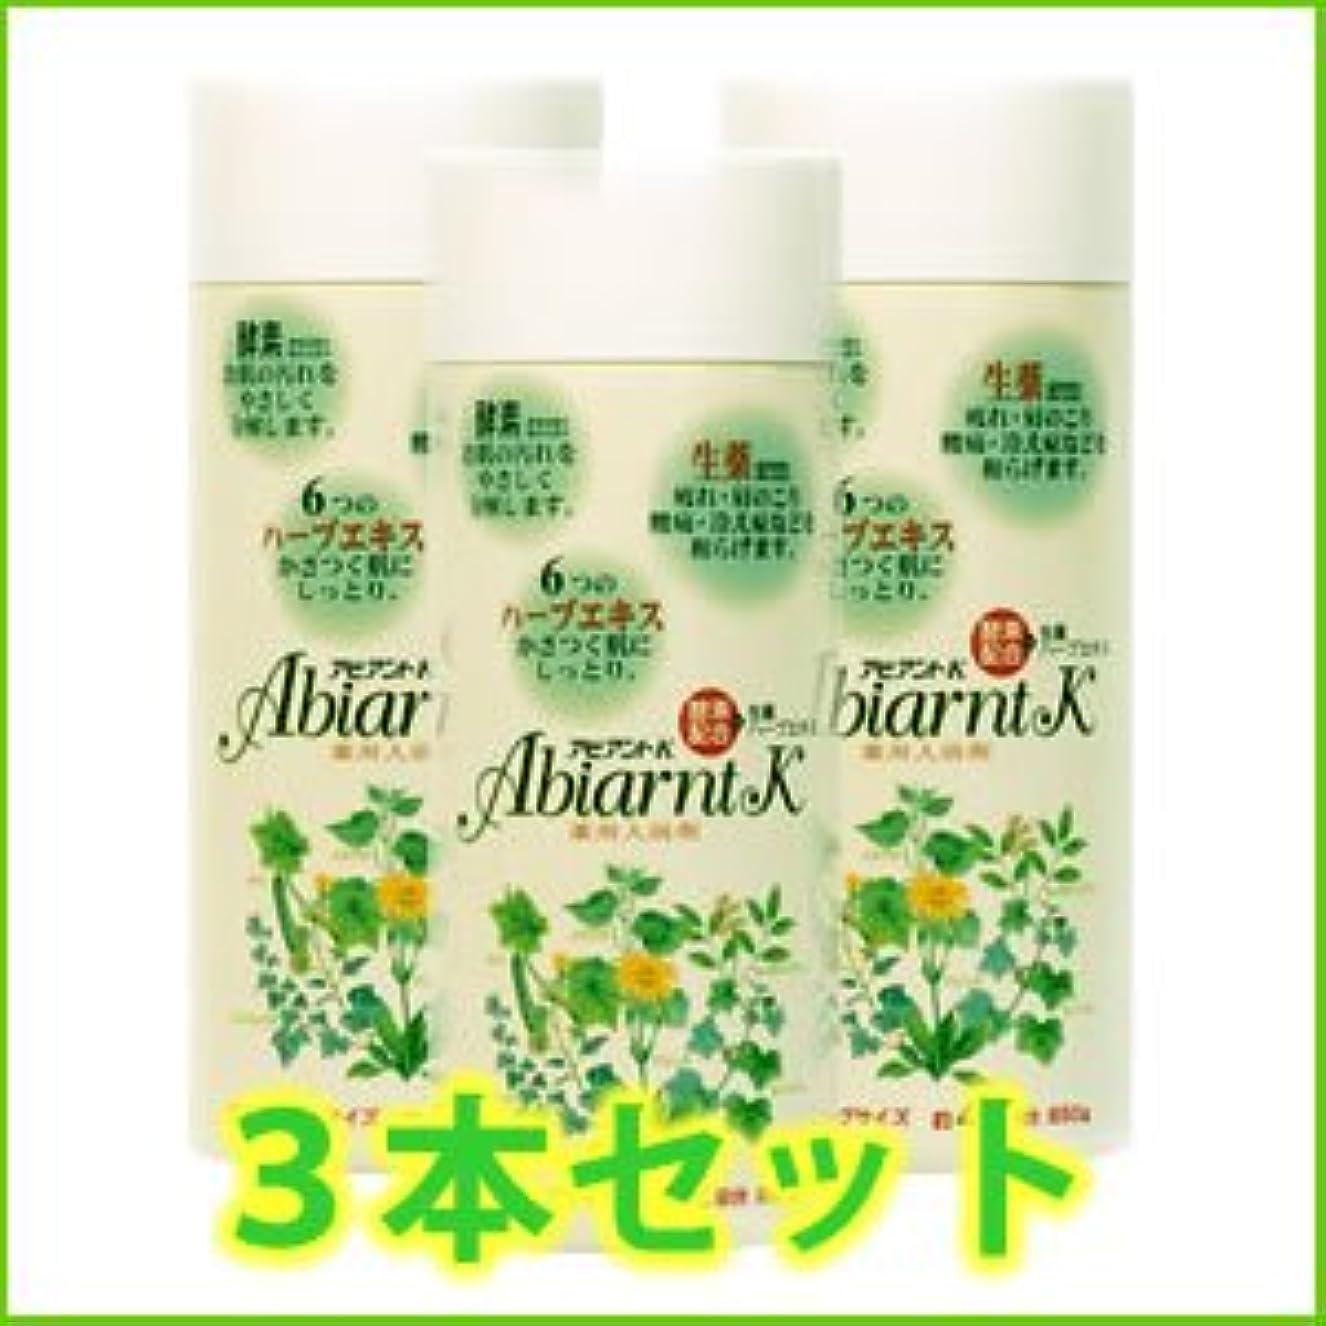 免除する広々液体薬用入浴剤 アビアントK 850g ×3